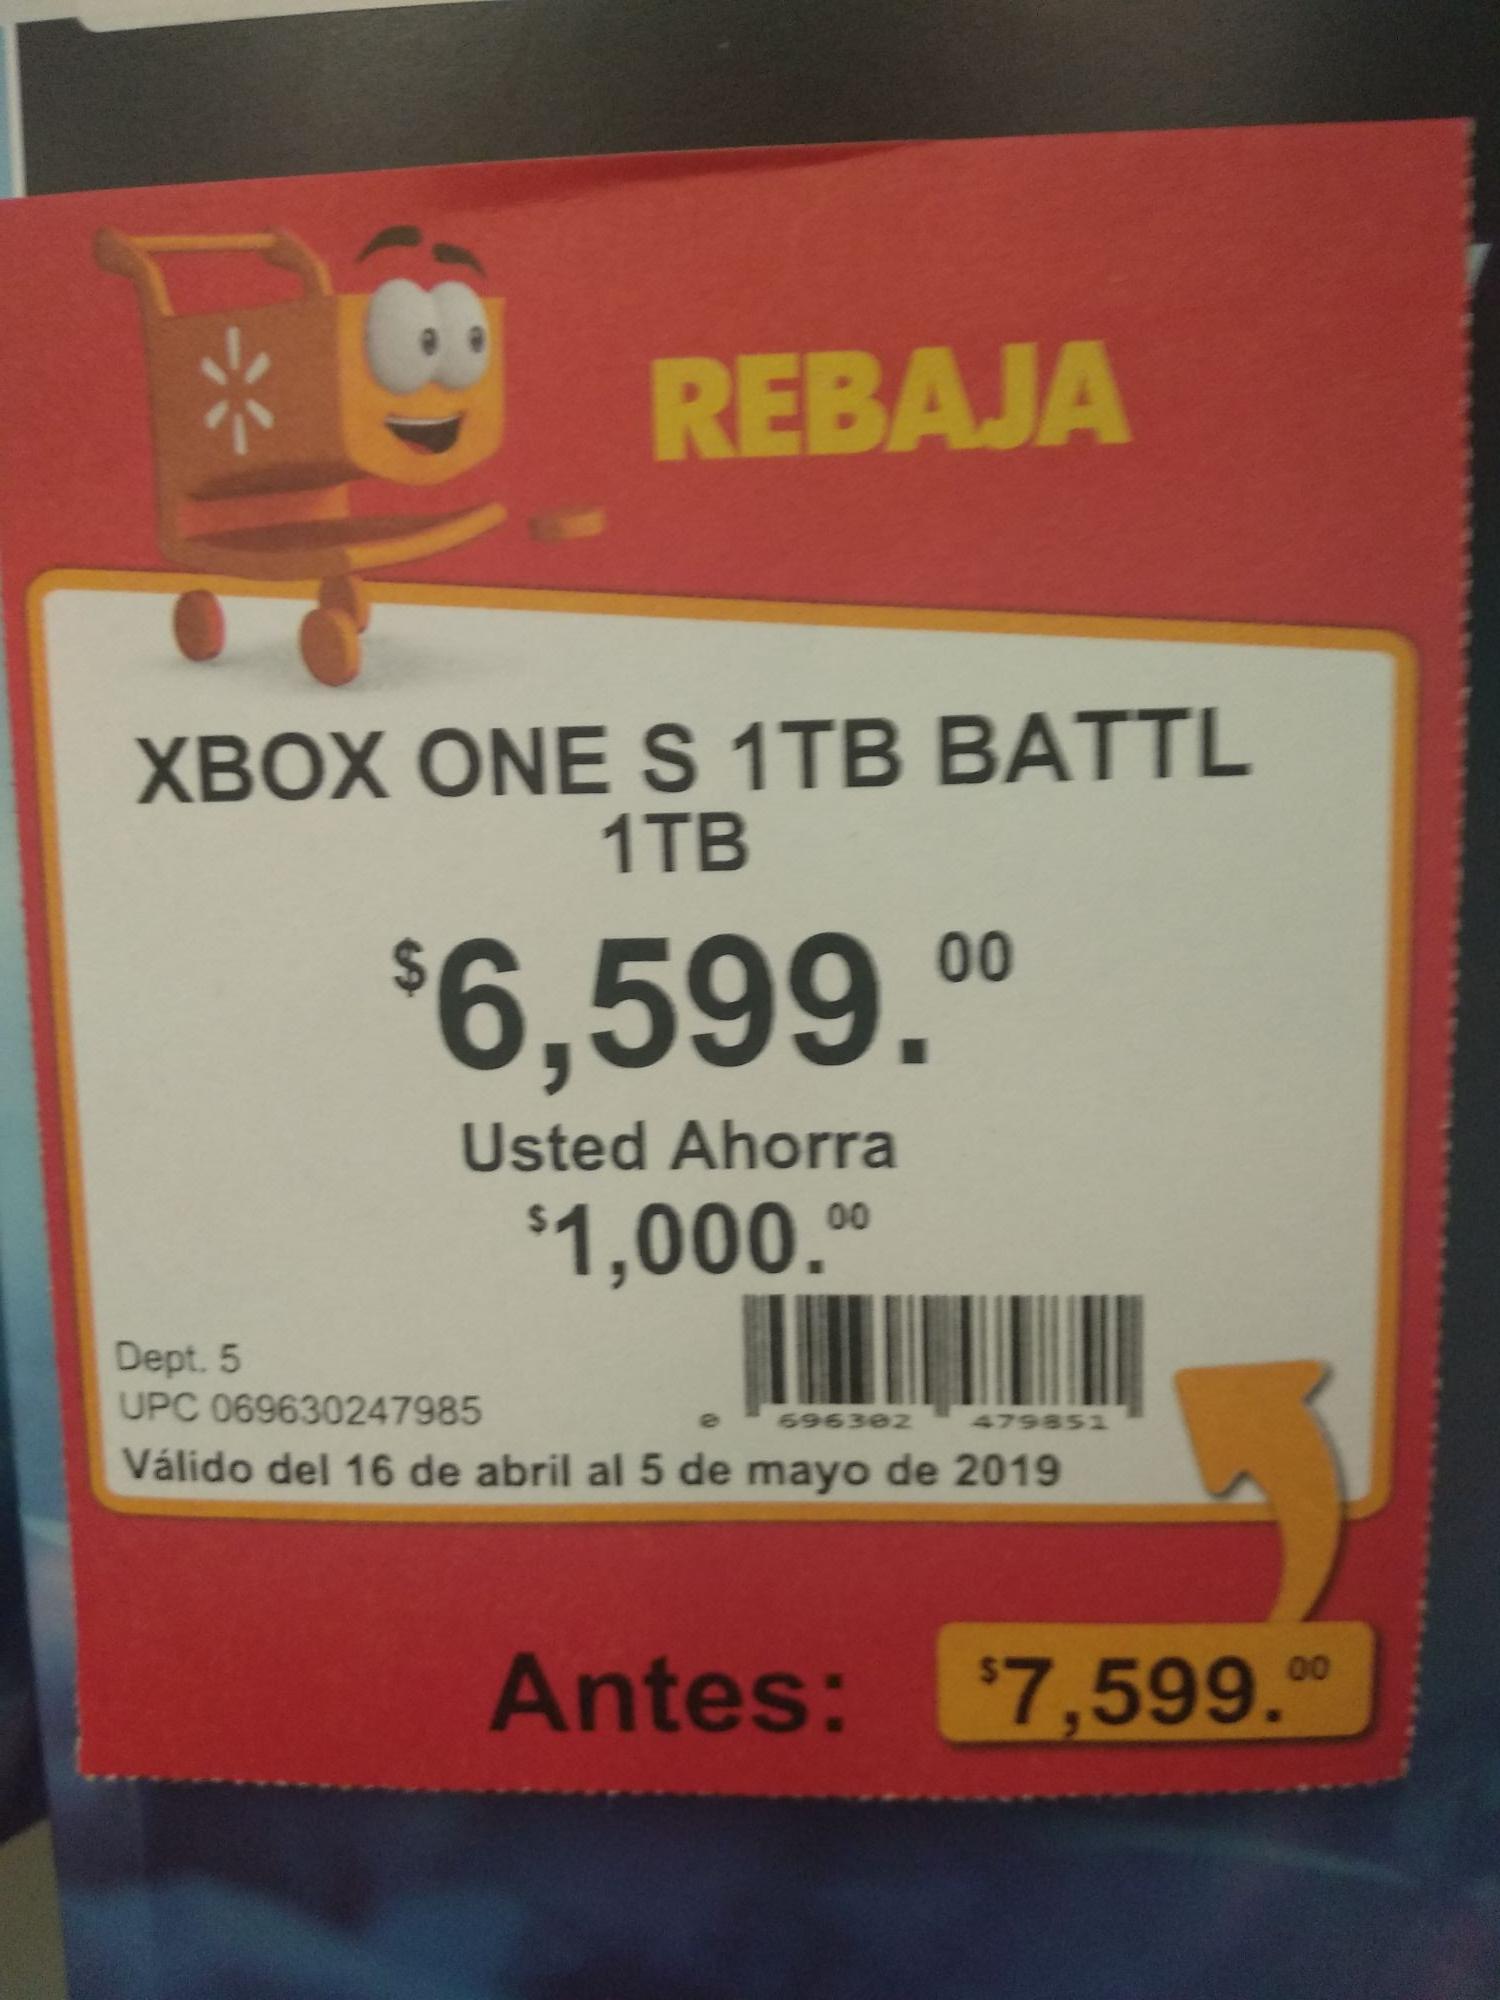 Walmart tijera GDL: Xbox one s 1 TB Division 2 o battlefield